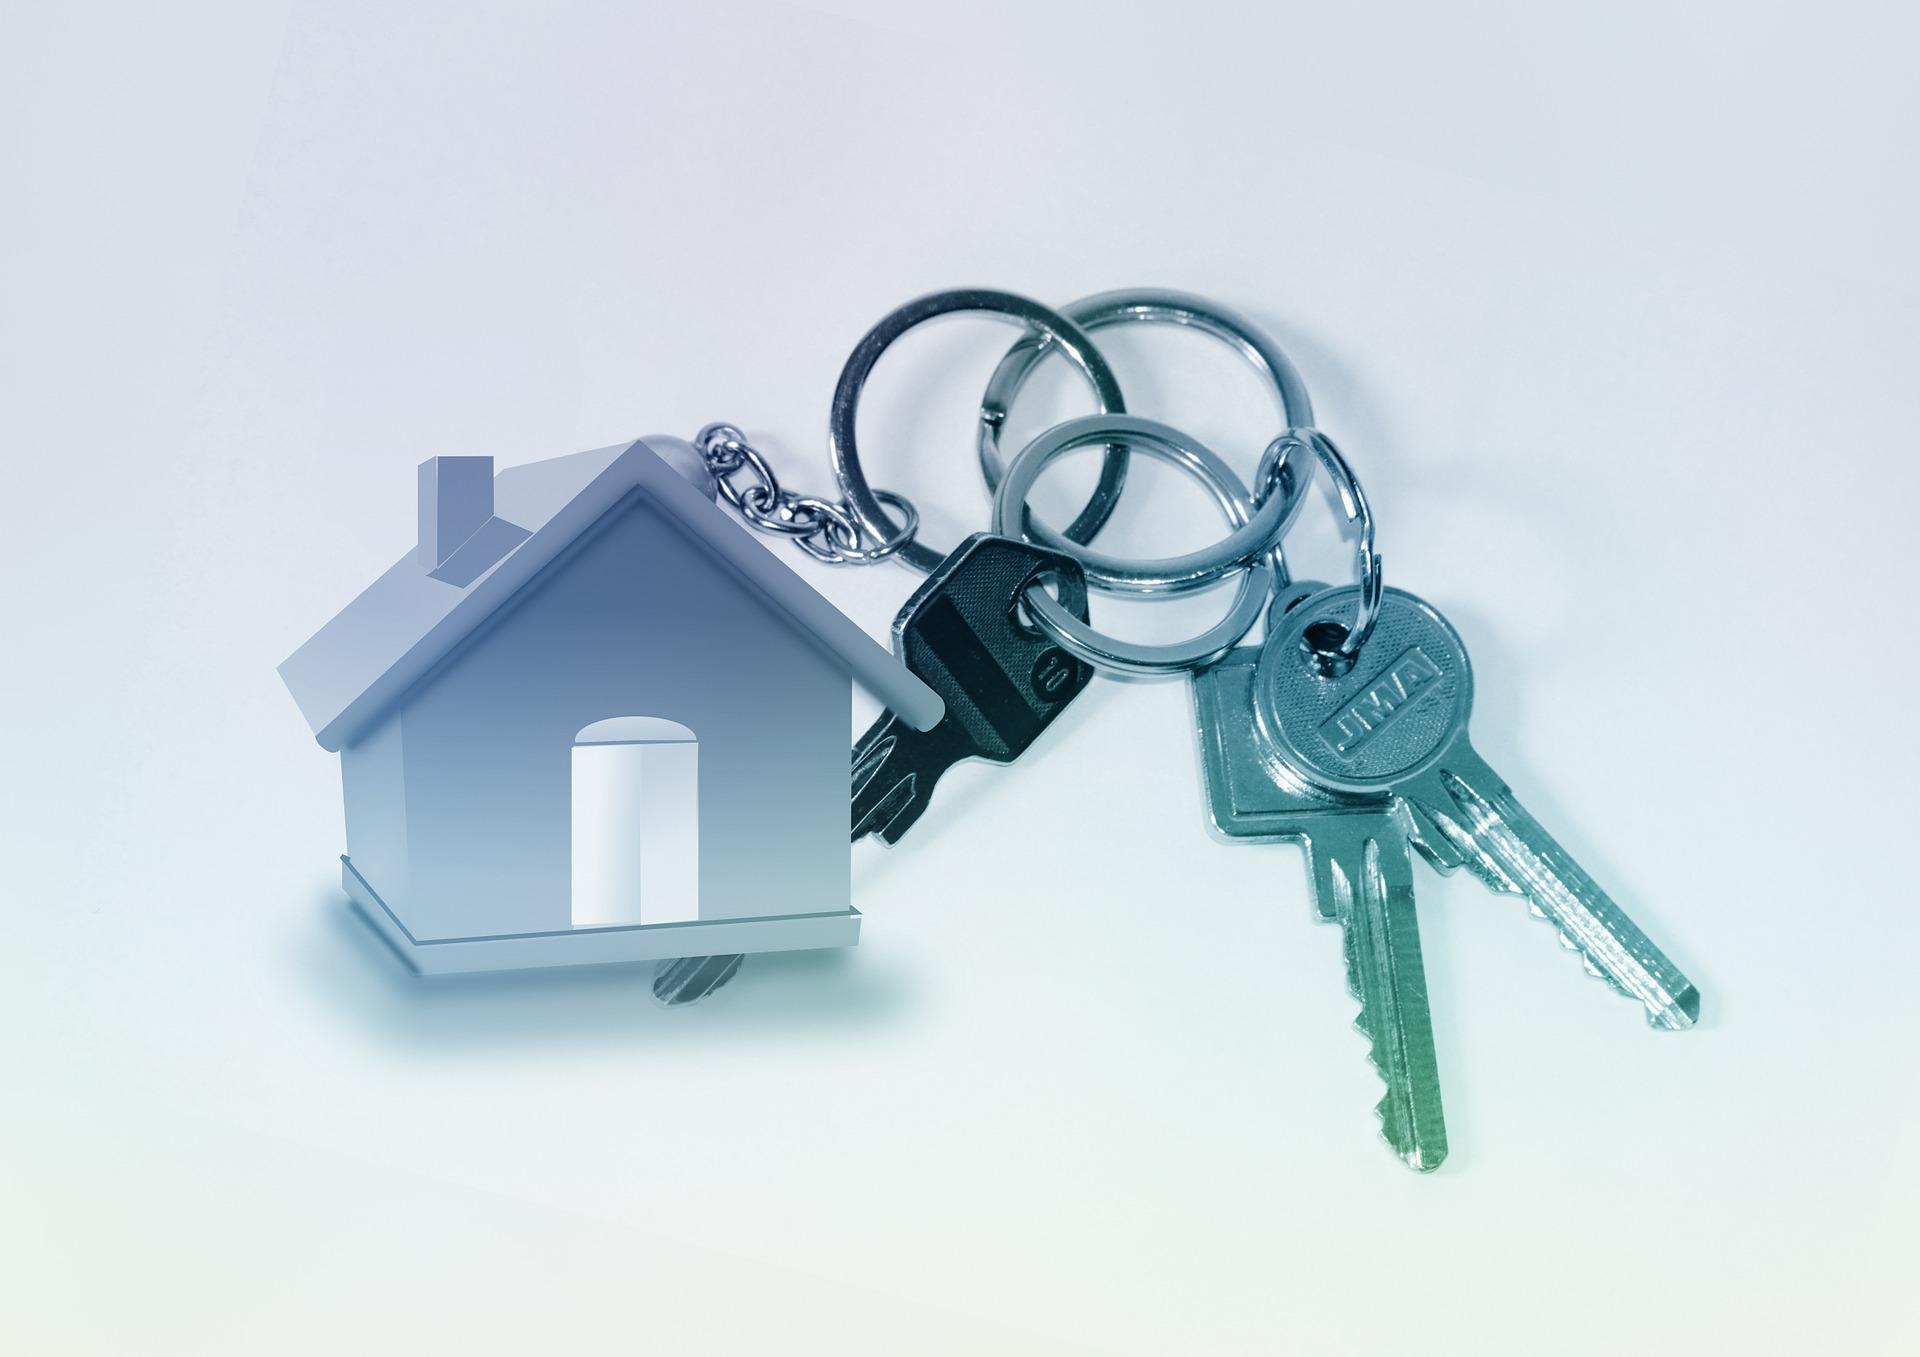 Affitto e deposito cauzionale 5 cose che devi sapere for Cerco cose usate